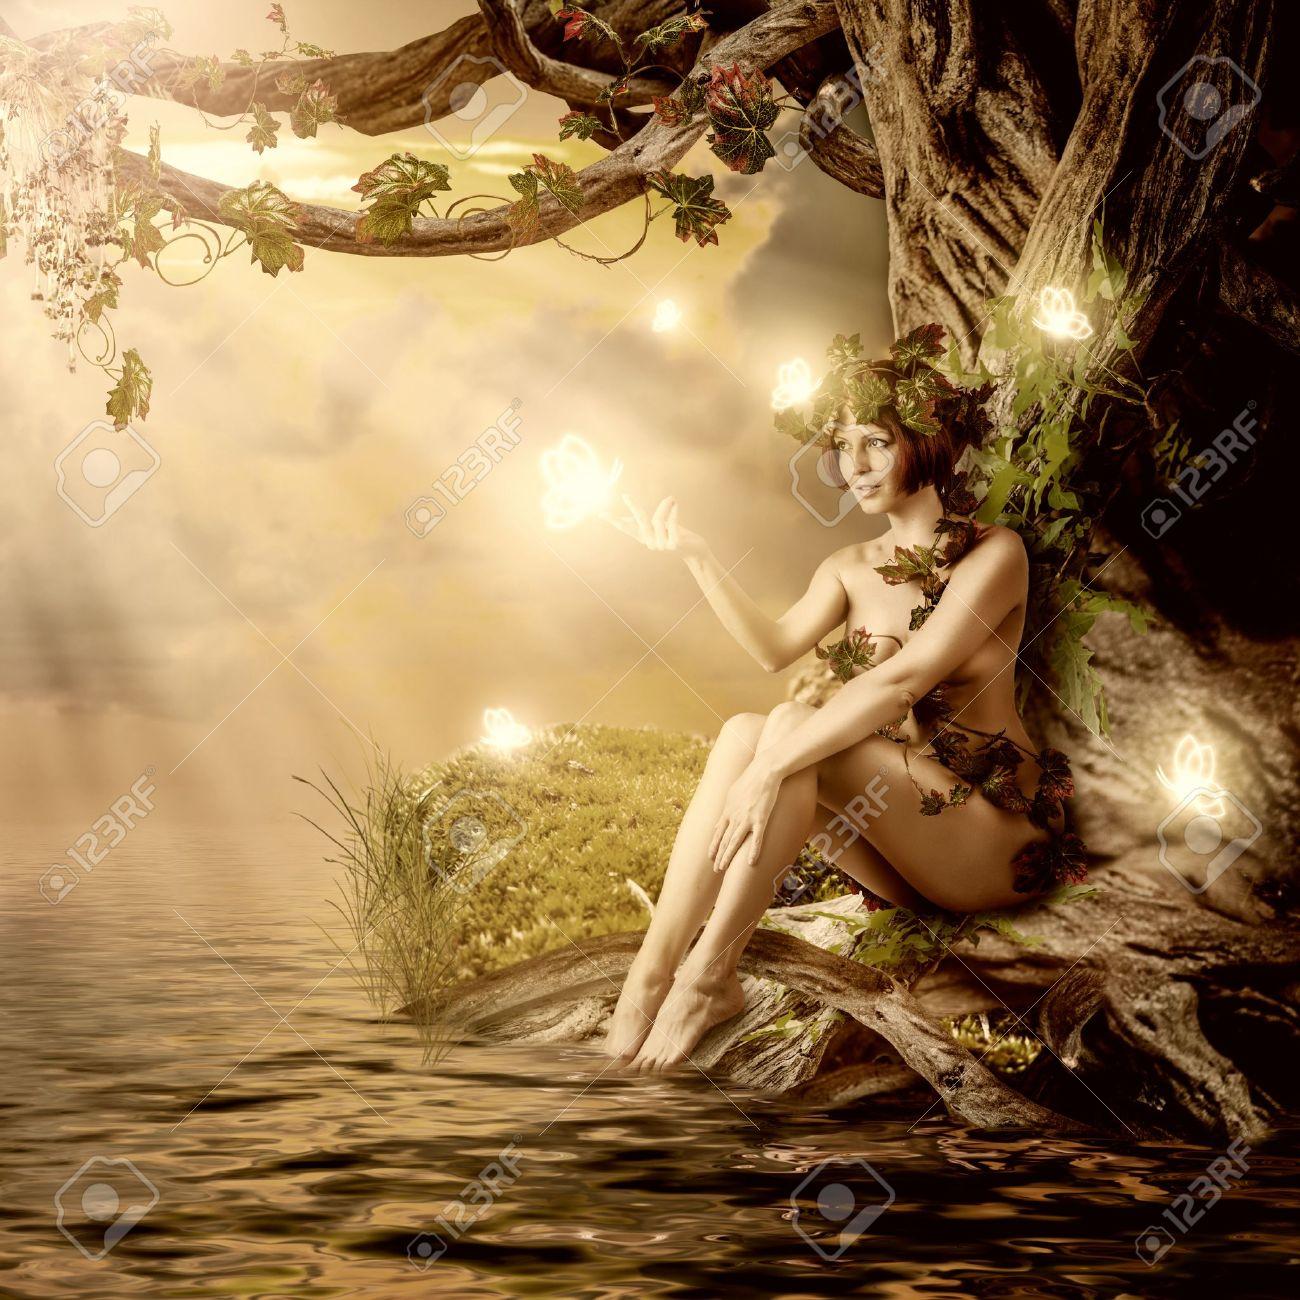 Fantasia De Cuento De Hadas Hermosa Mujer Ninfa De Los Bosques O Driada Se Sienta Sobre El Agua Y El Gran Arbol Viejo Fotos Retratos Imagenes Y Fotografia De Archivo Libres